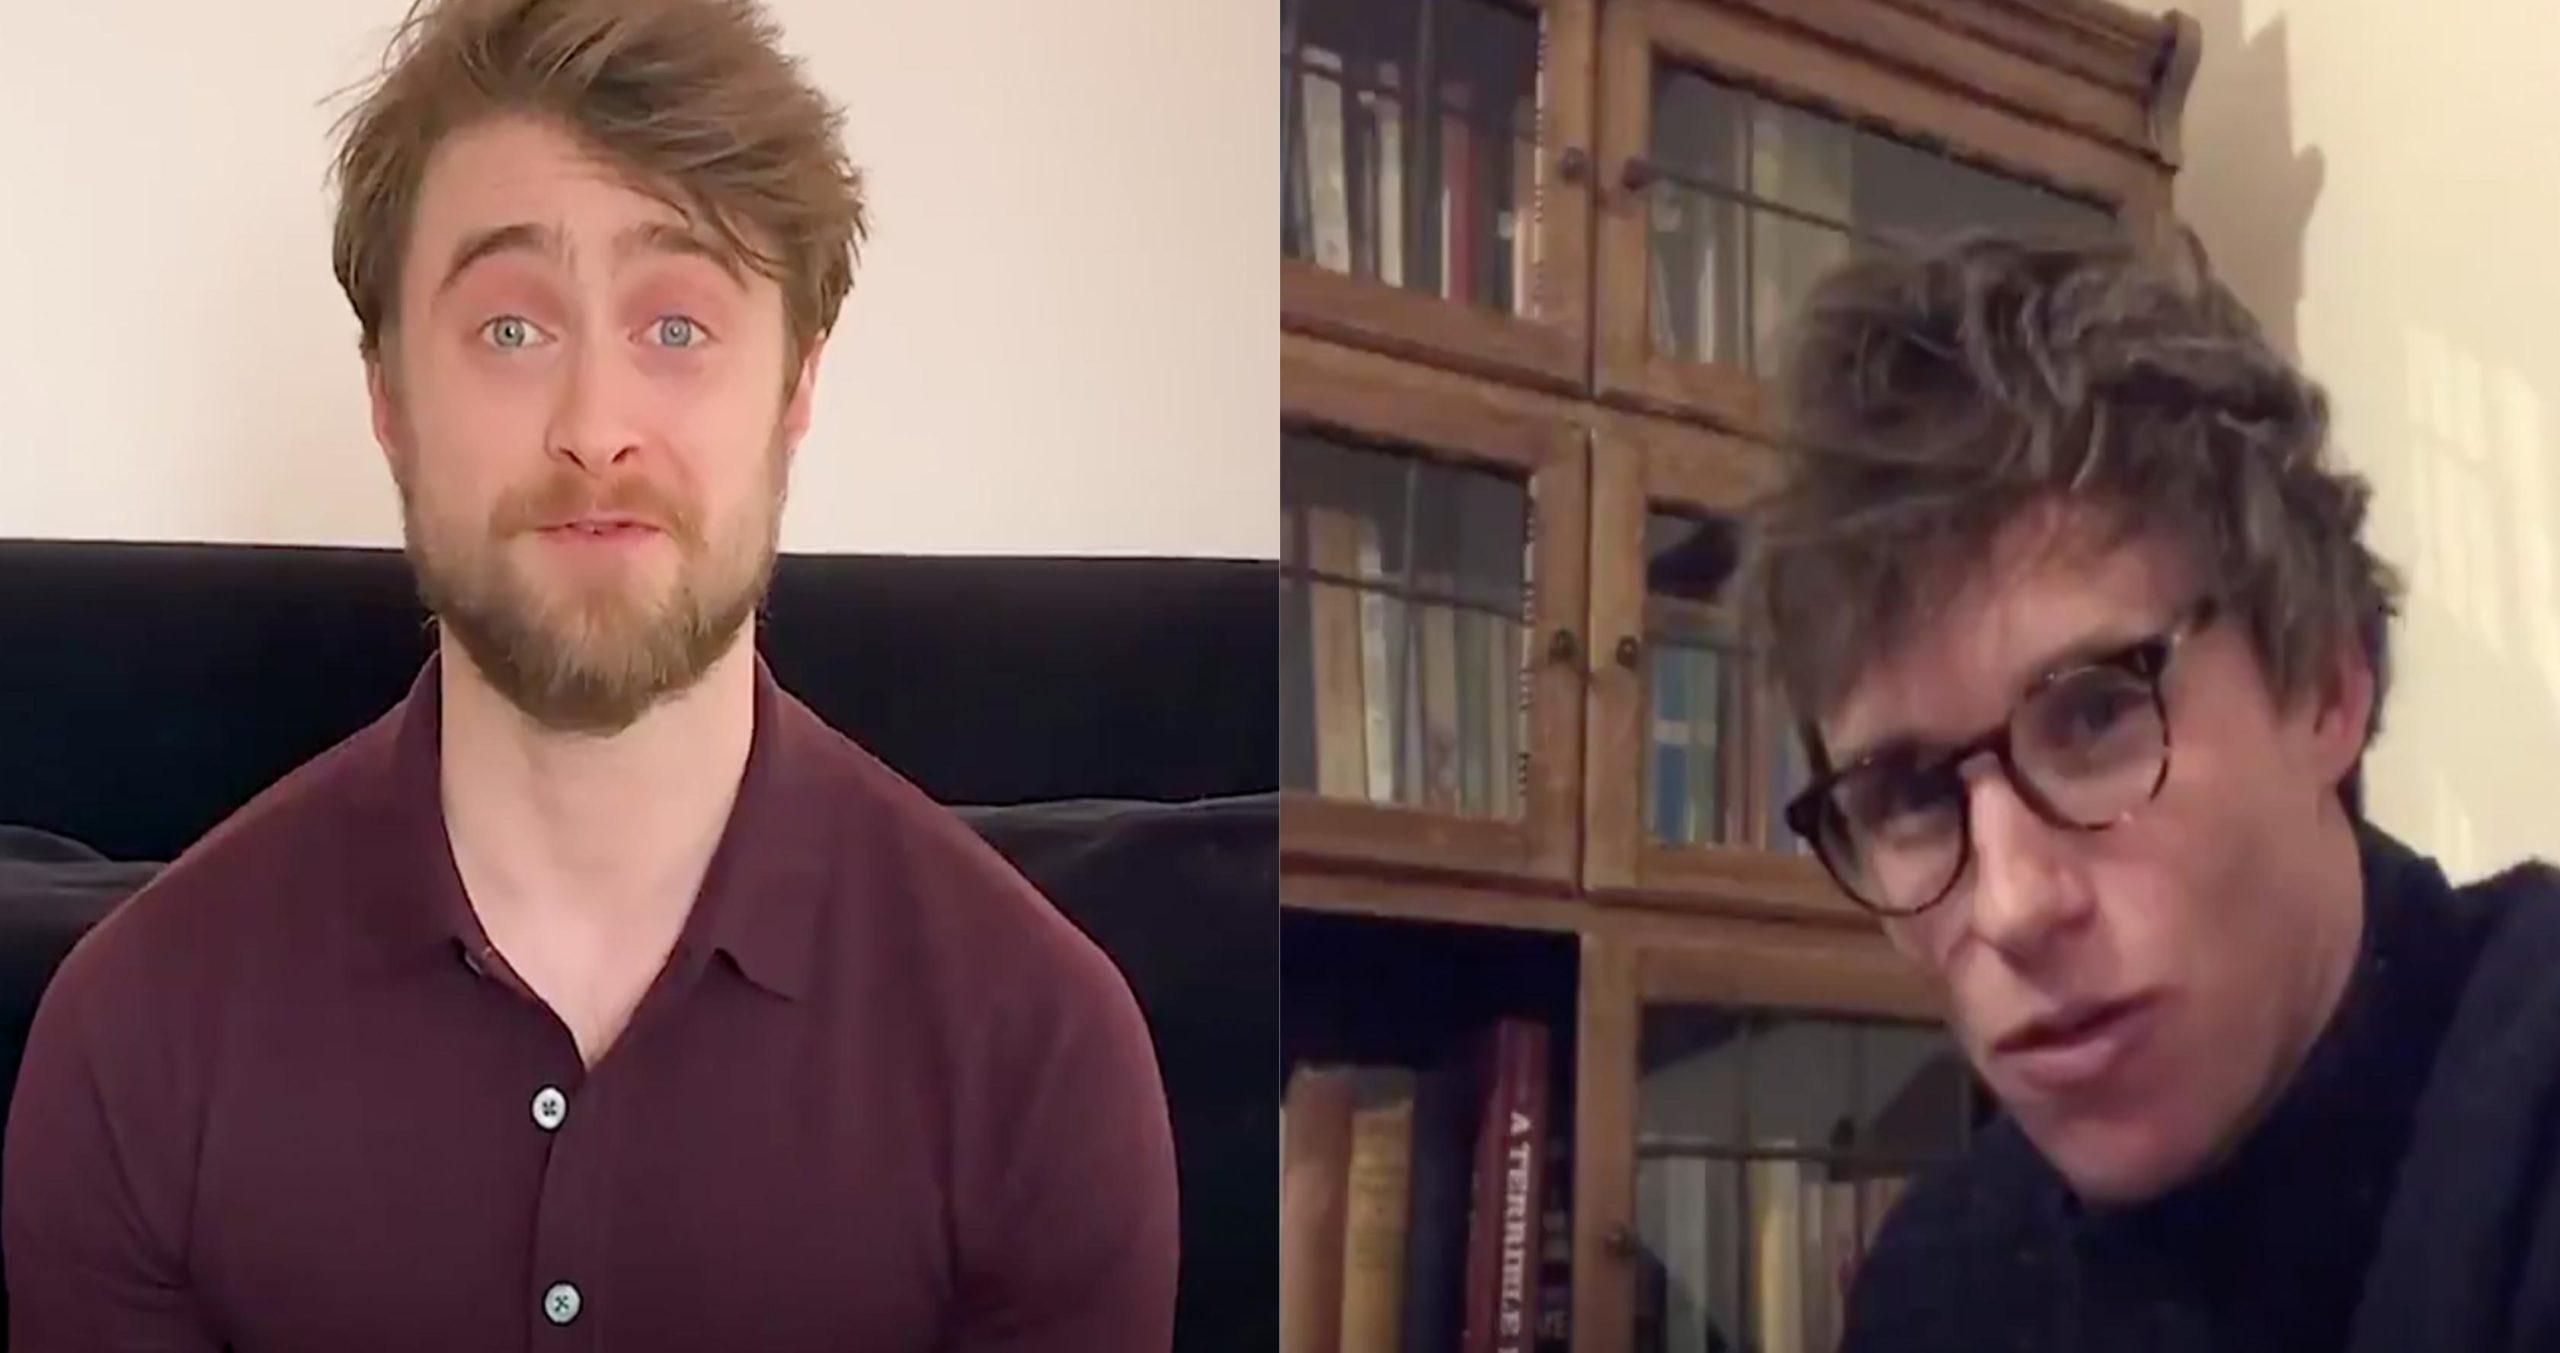 Daniel Radcliffe and Eddy Redmayne